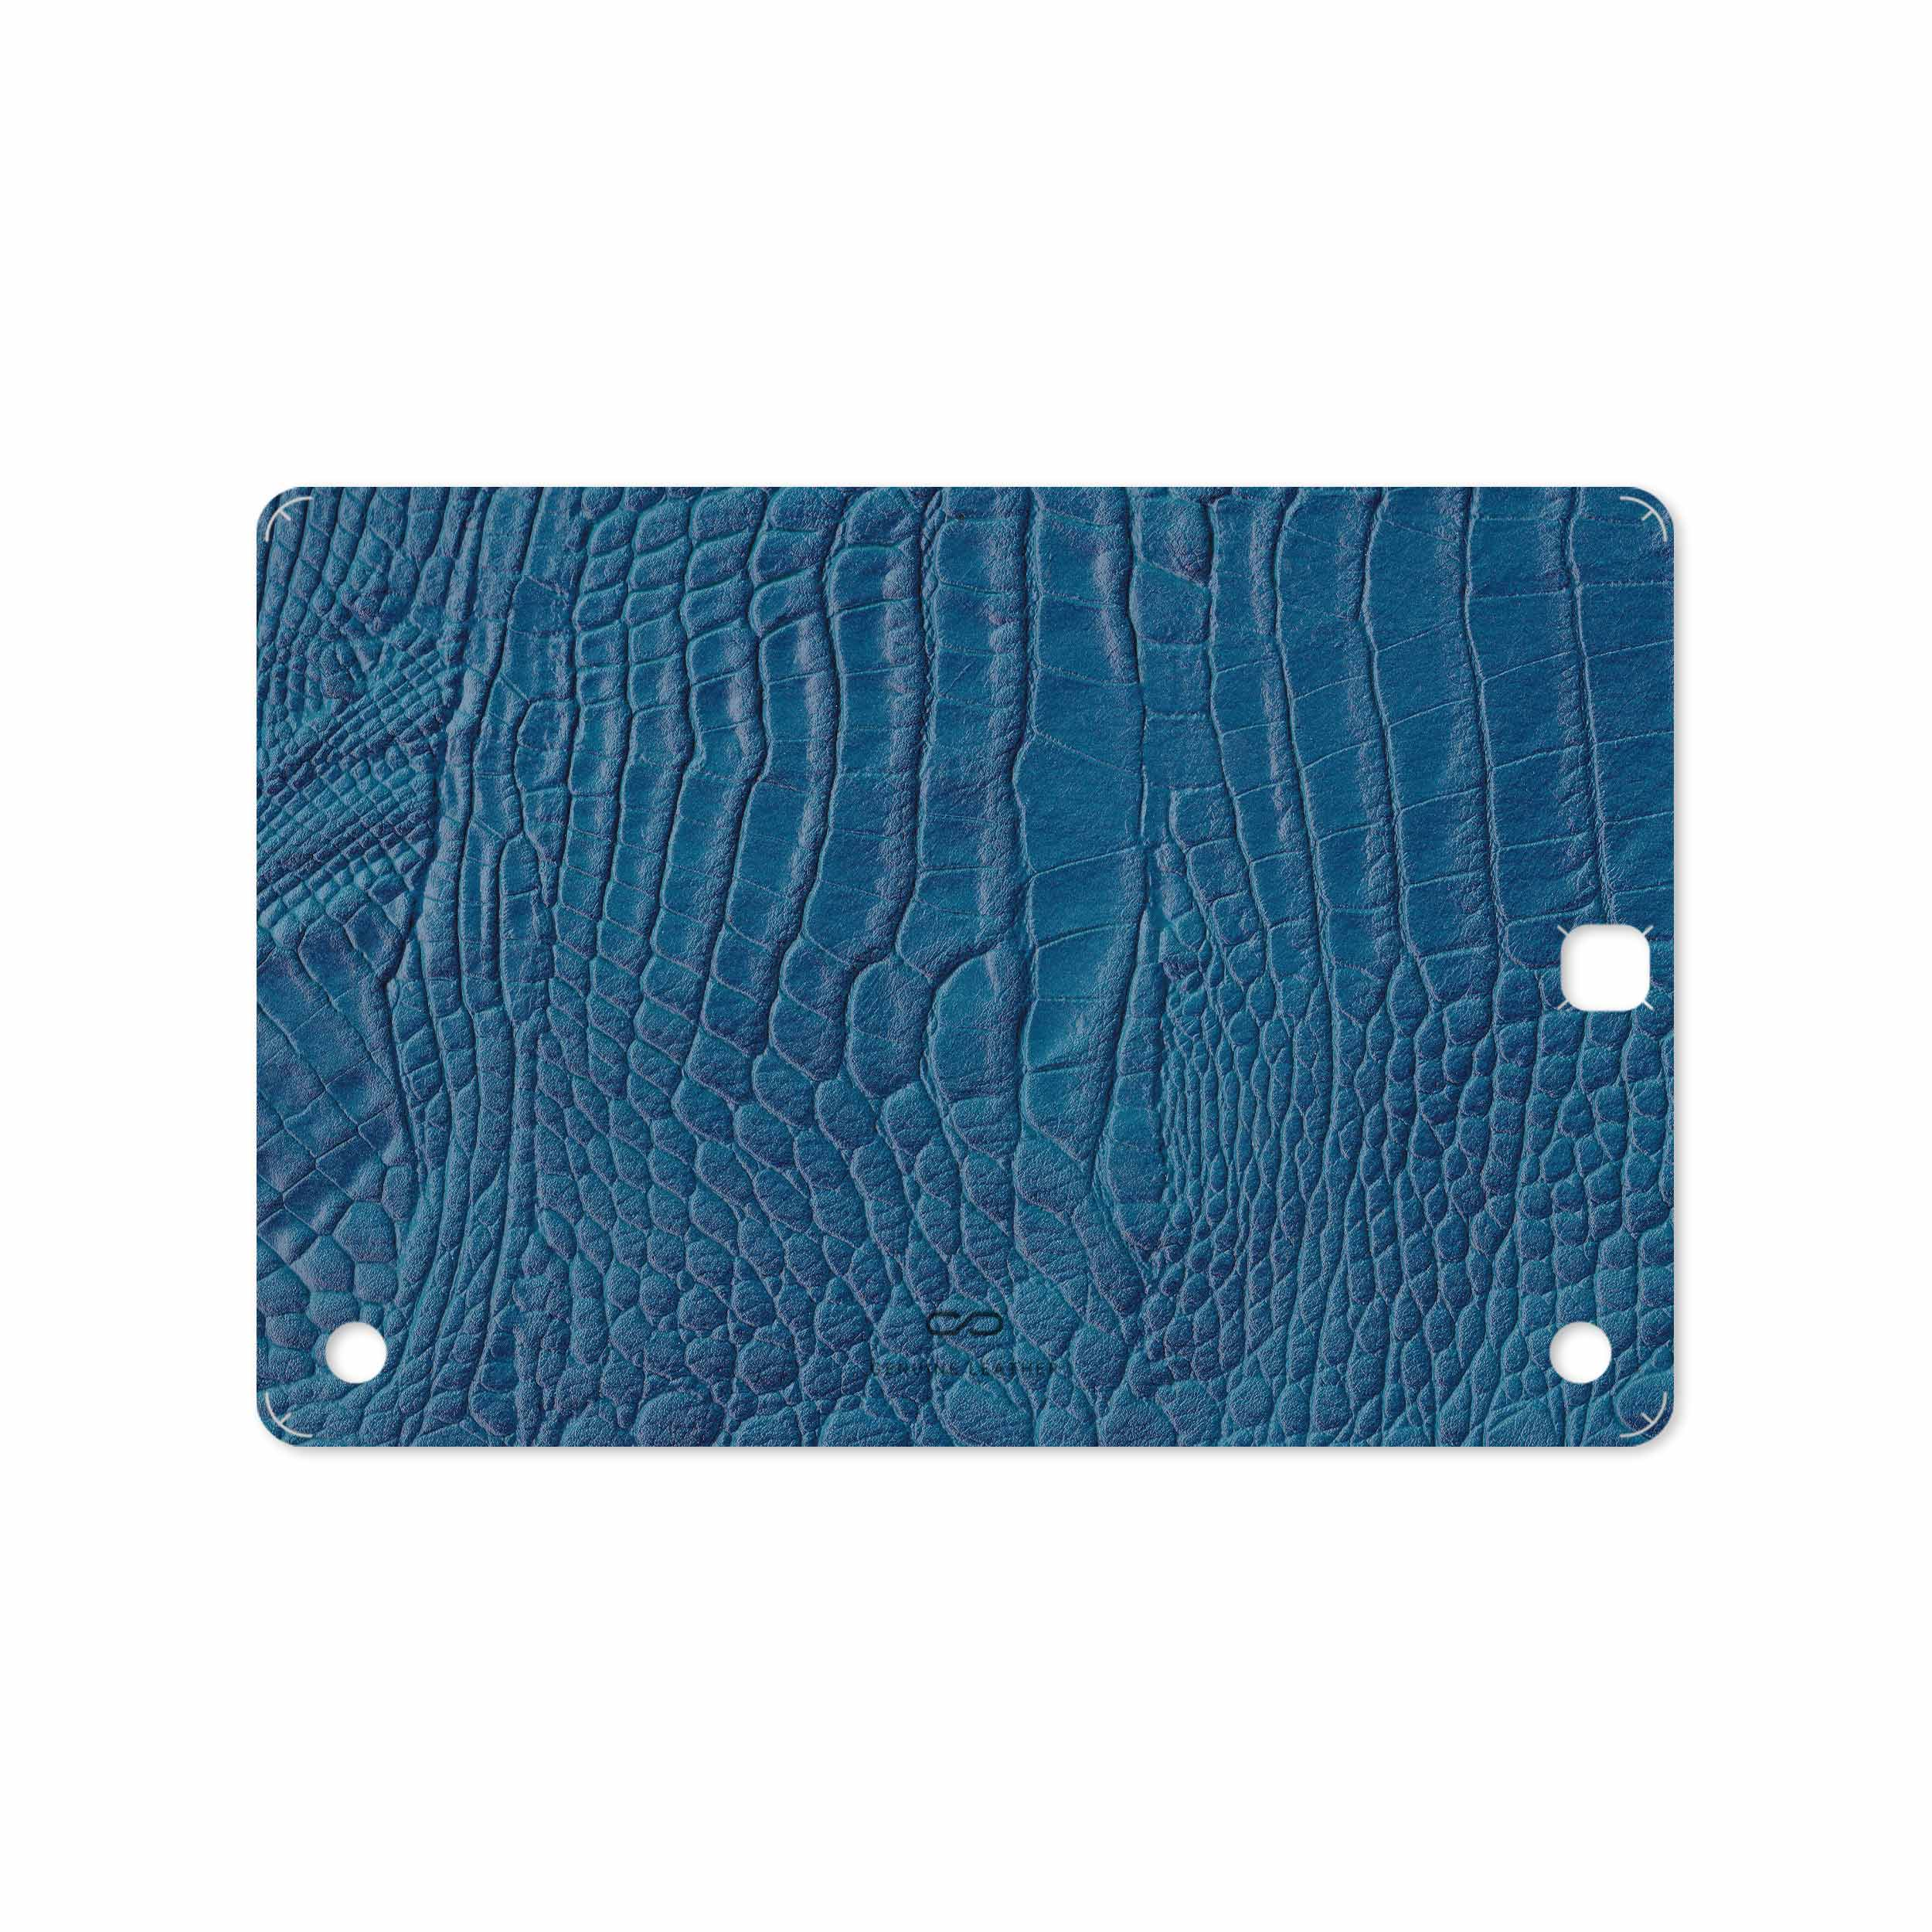 بررسی و خرید [با تخفیف]                                     برچسب پوششی ماهوت مدل Blue-Crocodile-Leather مناسب برای تبلت سامسونگ Galaxy Tab A 9.7 2015 T550                             اورجینال